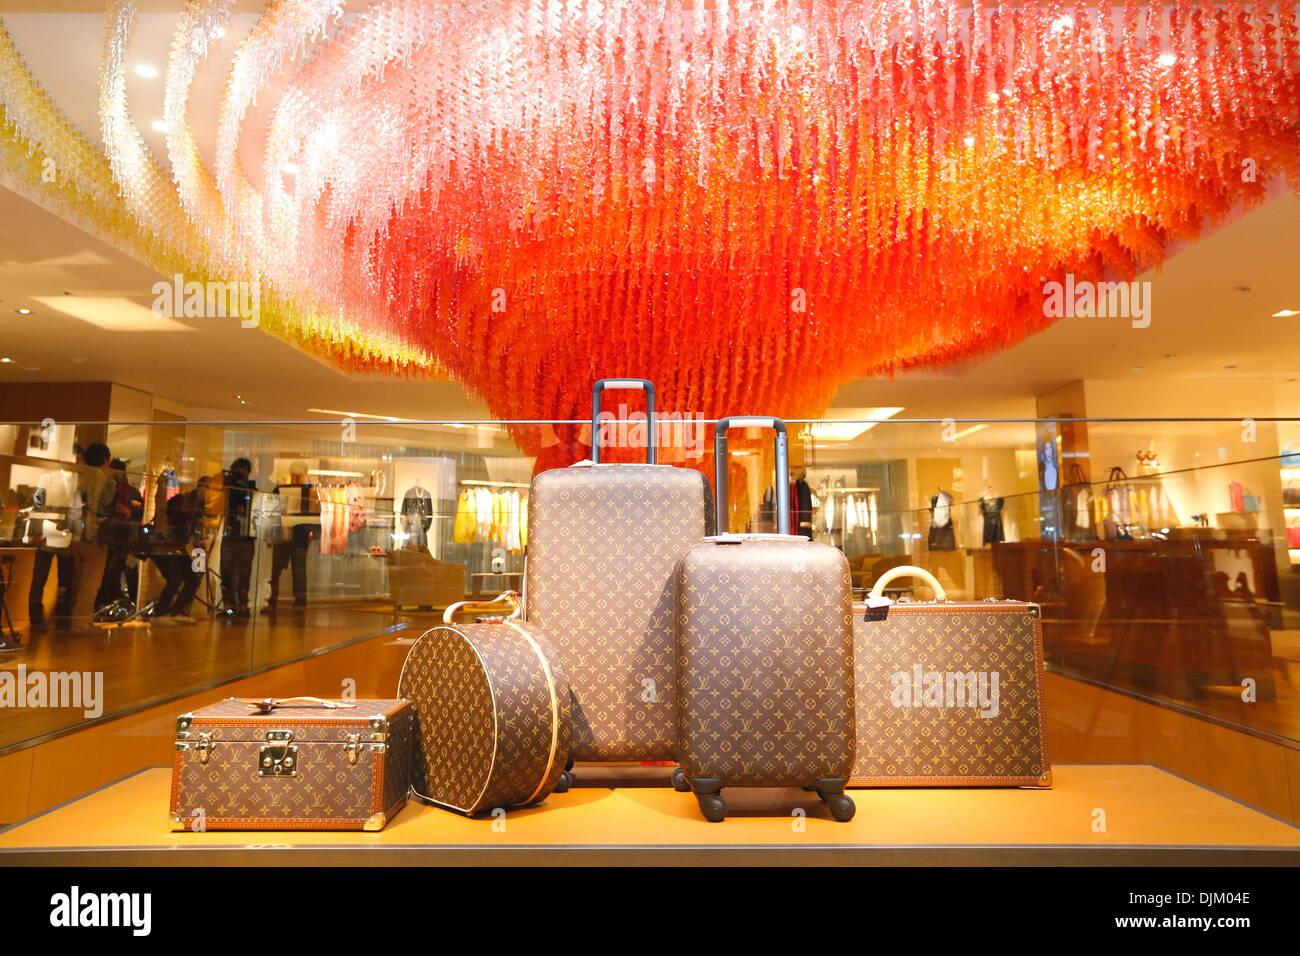 Tokyo, Giappone. 28 Nov, 2013. Negozio Louis Vuitton, Nov 28, 2013 : aprire la cerimonia di 'LOUIS VUITTON ' store di Shinjuku, Tokyo, Giappone. Credito: Aflo Co. Ltd./Alamy Live News Immagini Stock